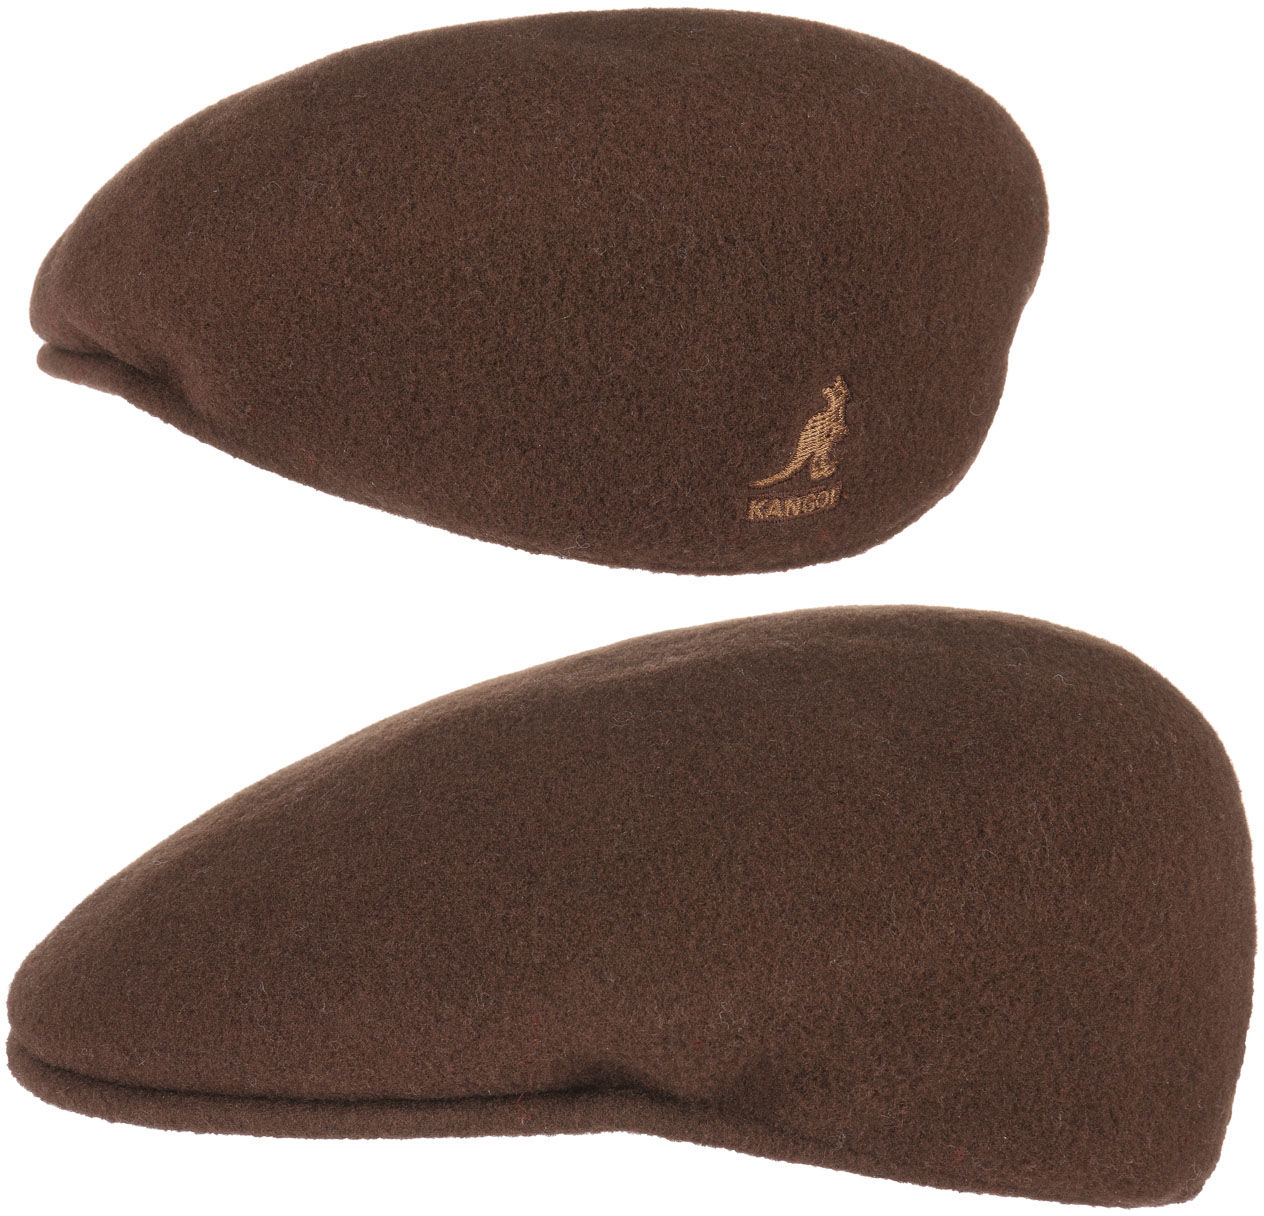 Płaski Kaszkiet 504 by Kangol, brązowy, XXL (62-63 cm)